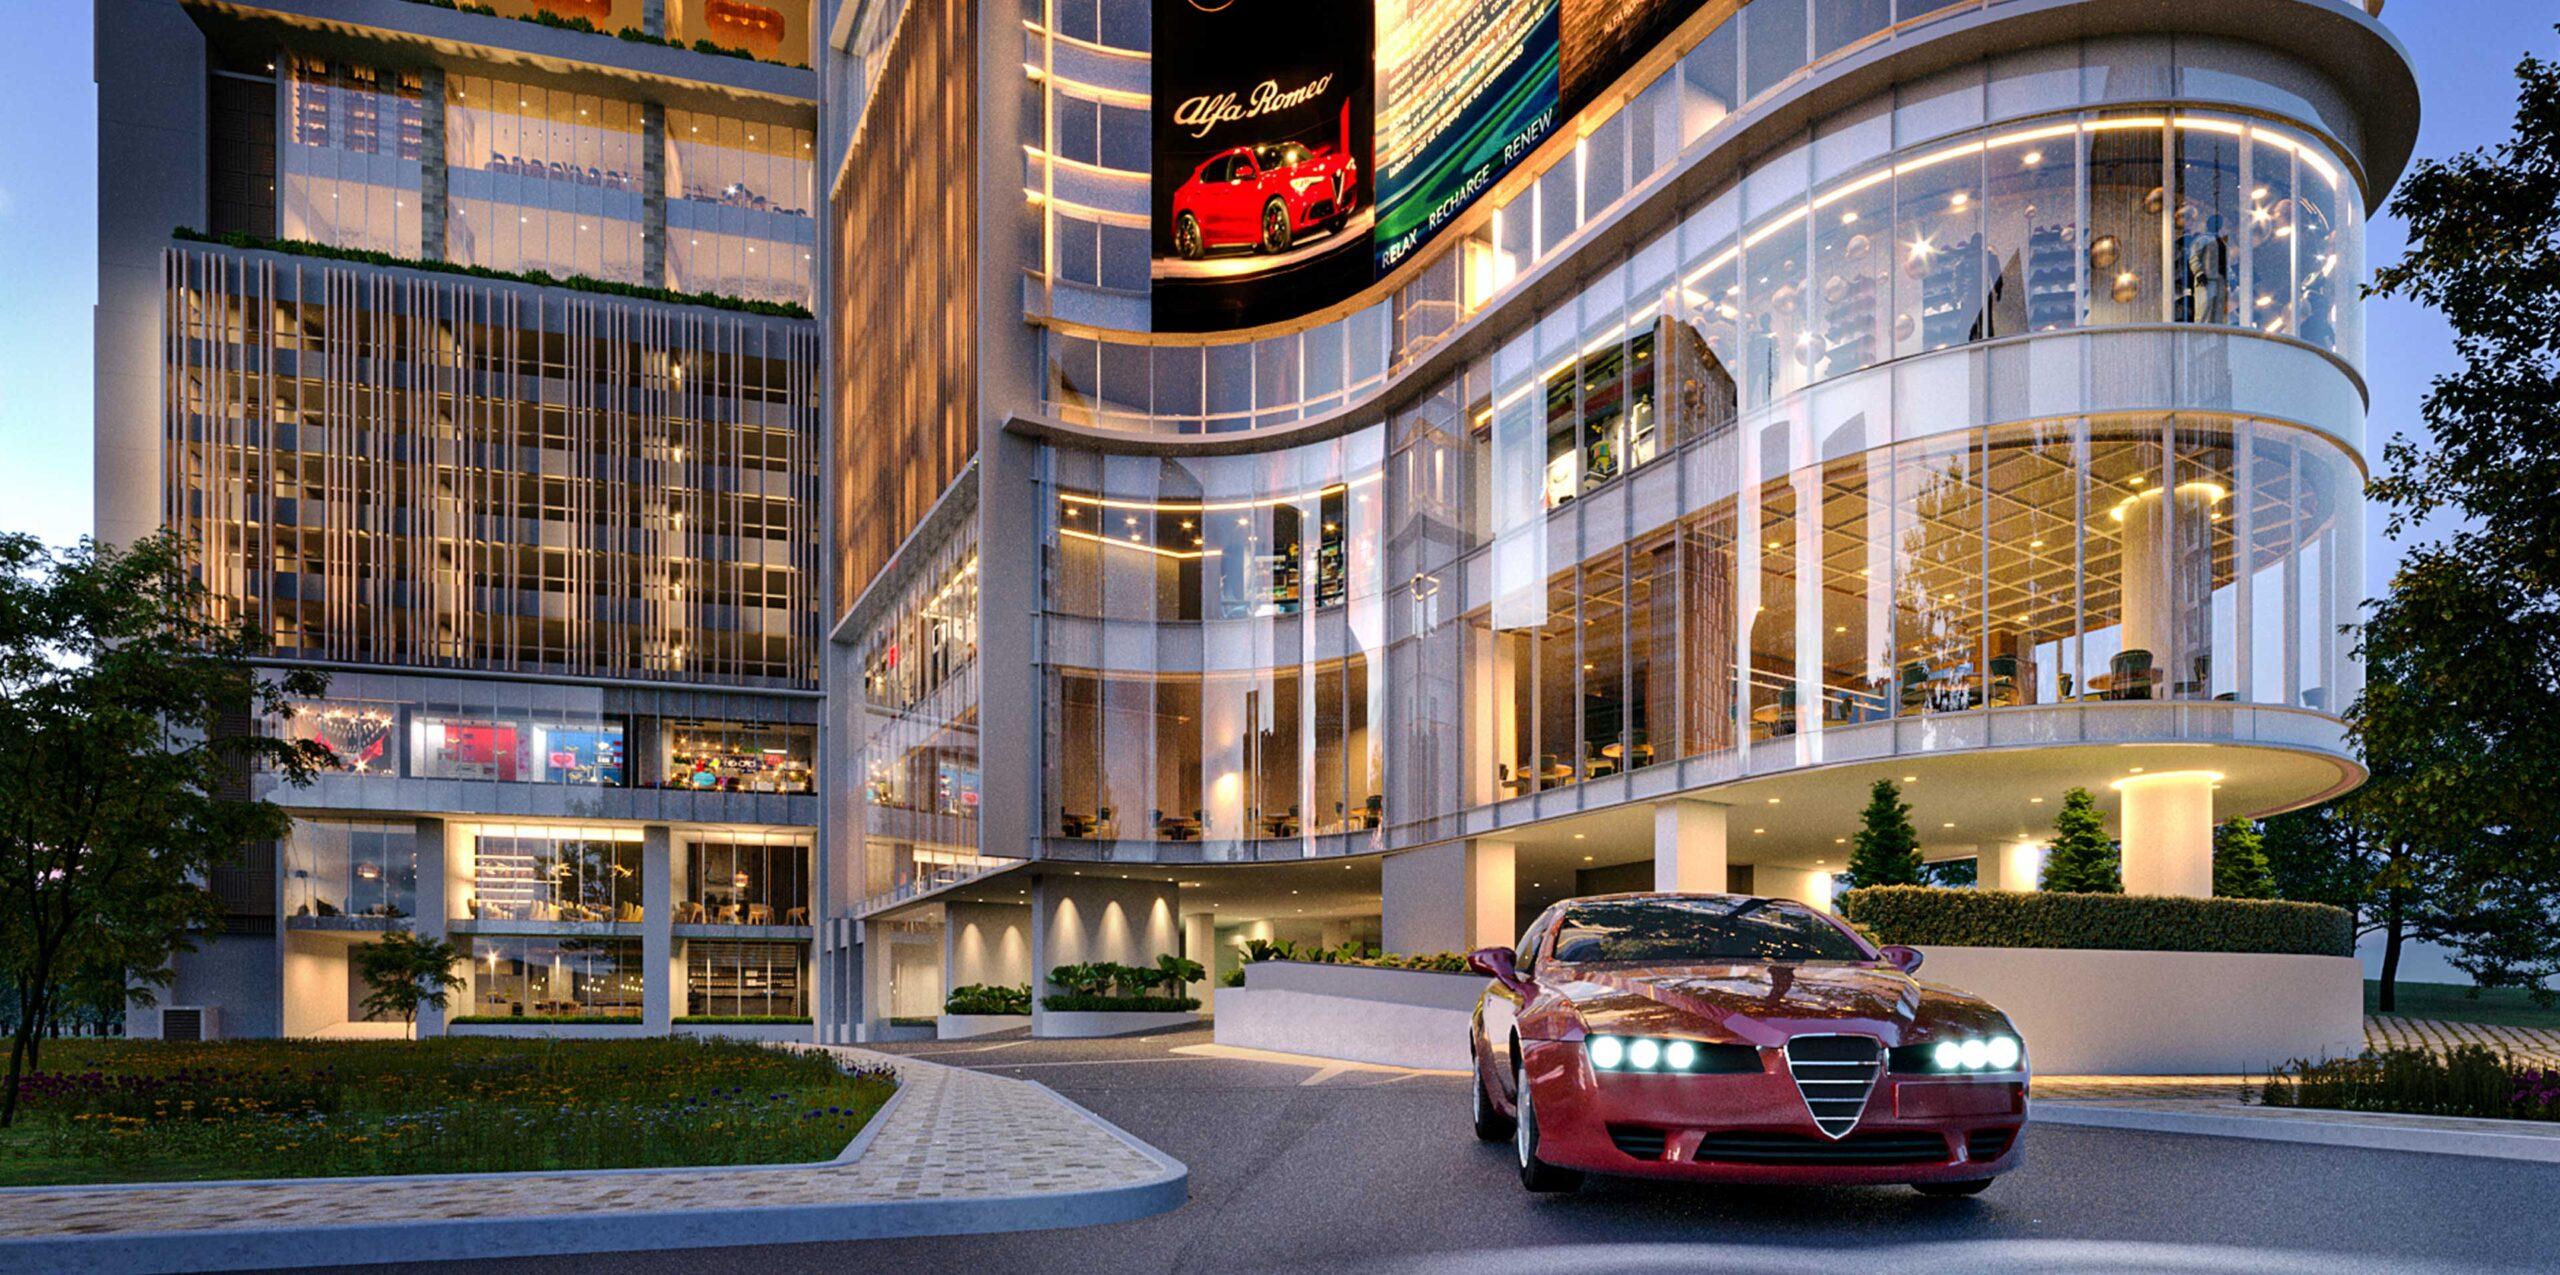 A red Alfa Romeo car at the entryway of Alfa Bangsar at night. The Ultimate Urban Lifestyle.